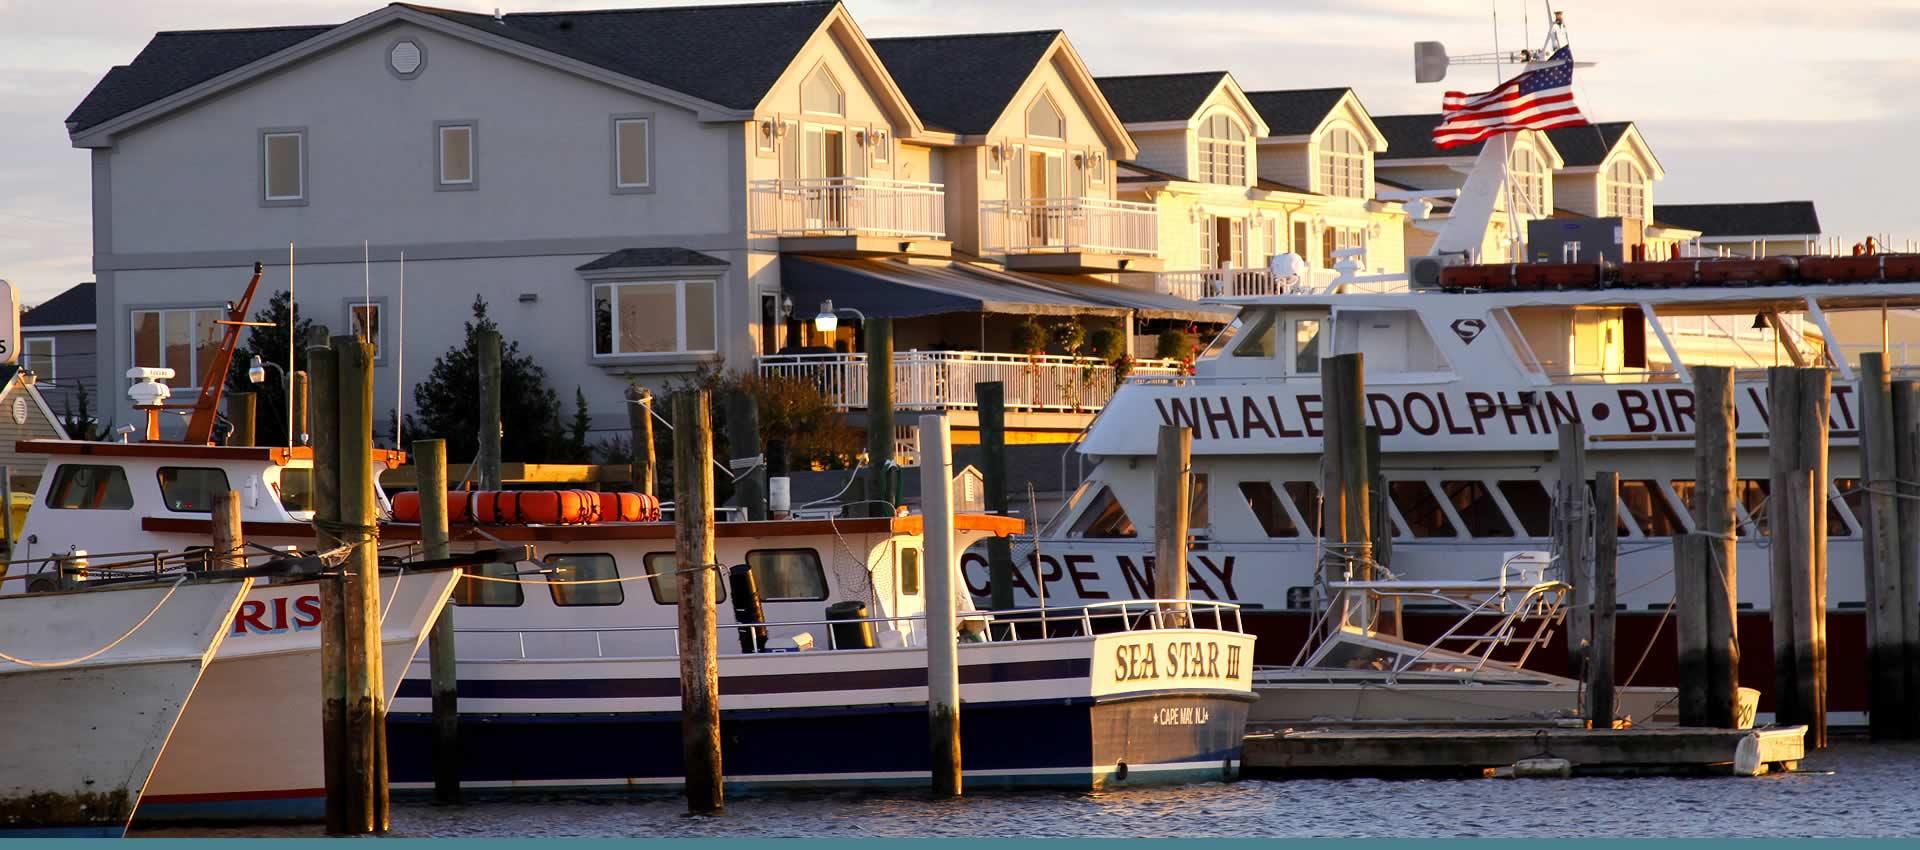 Cape-May-Harbor